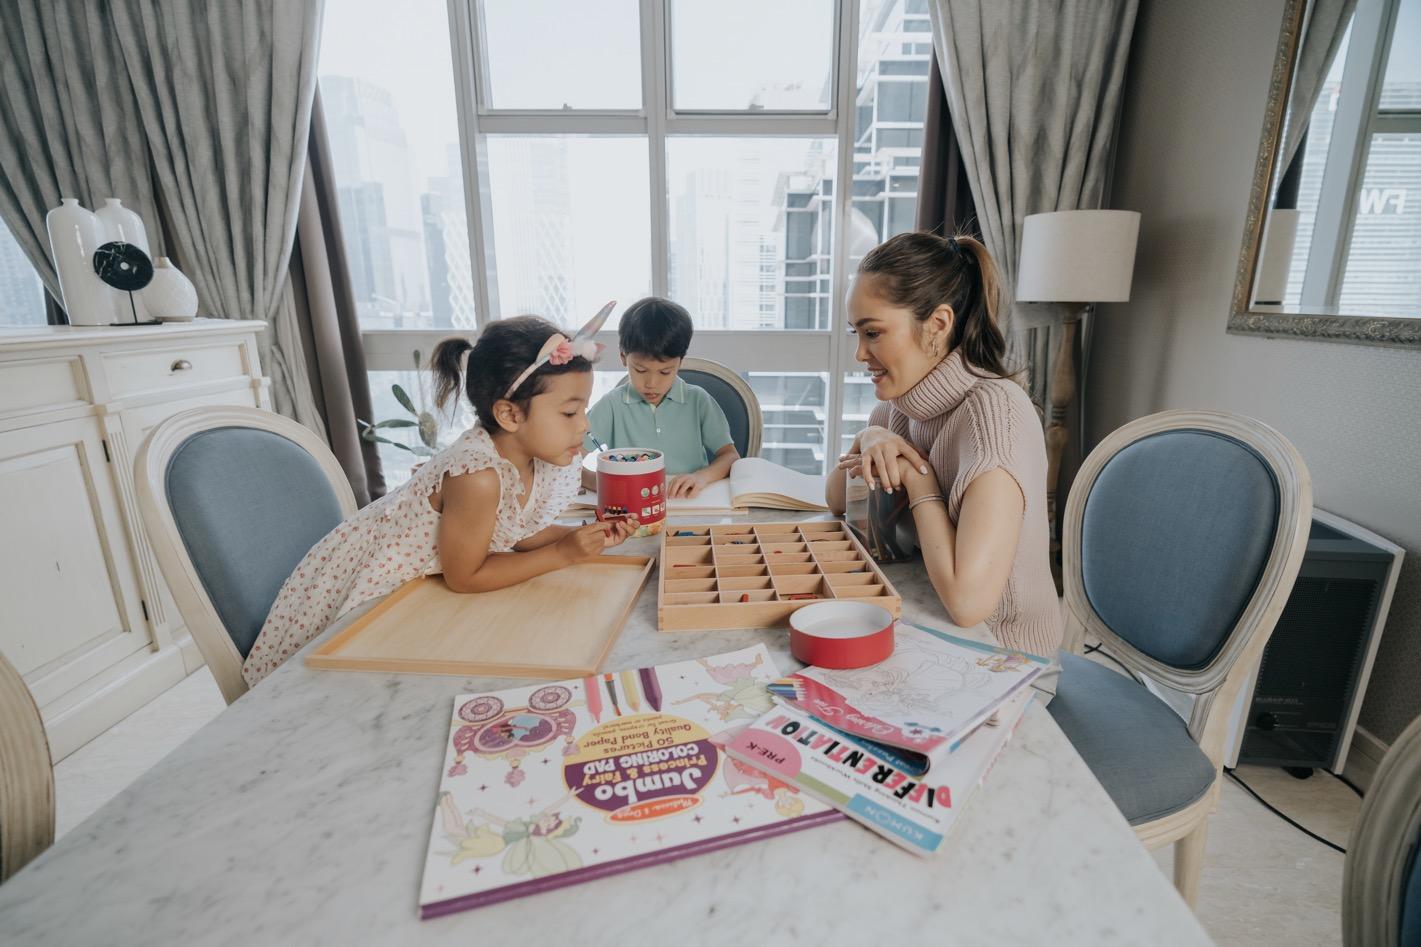 Cathy Sharon dan Anak - Ruang Makan